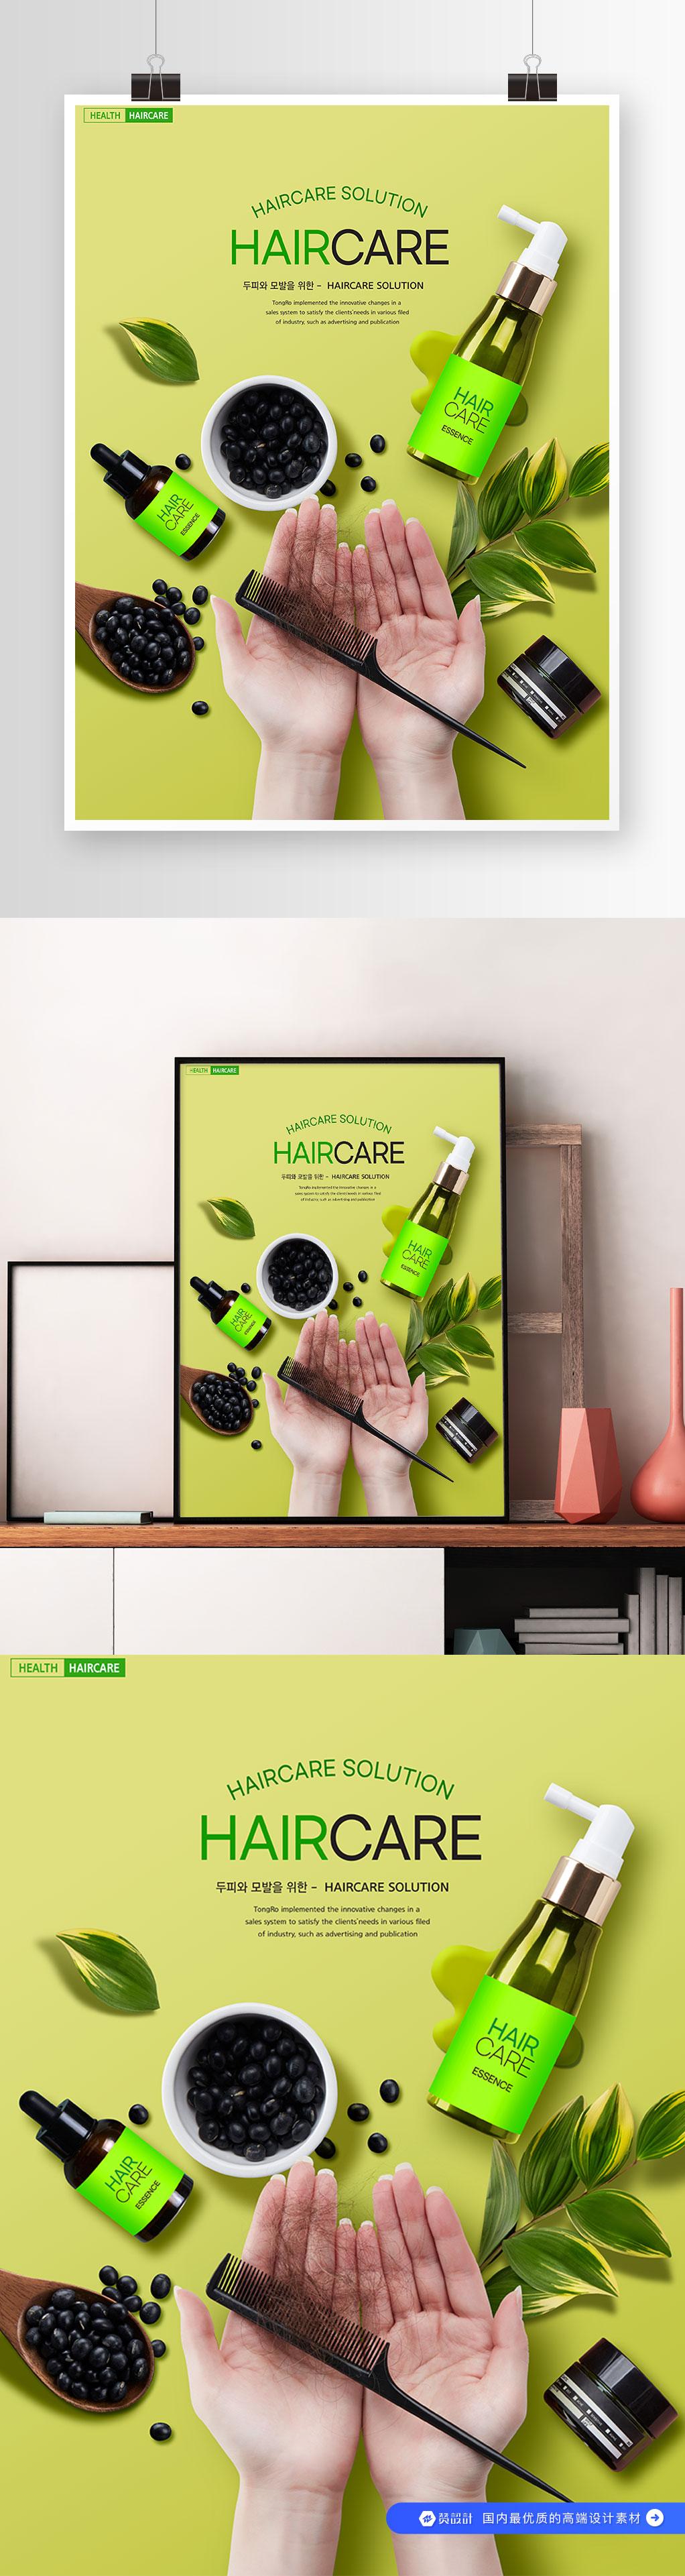 草本植物护发防脱产品广告促销海报素材